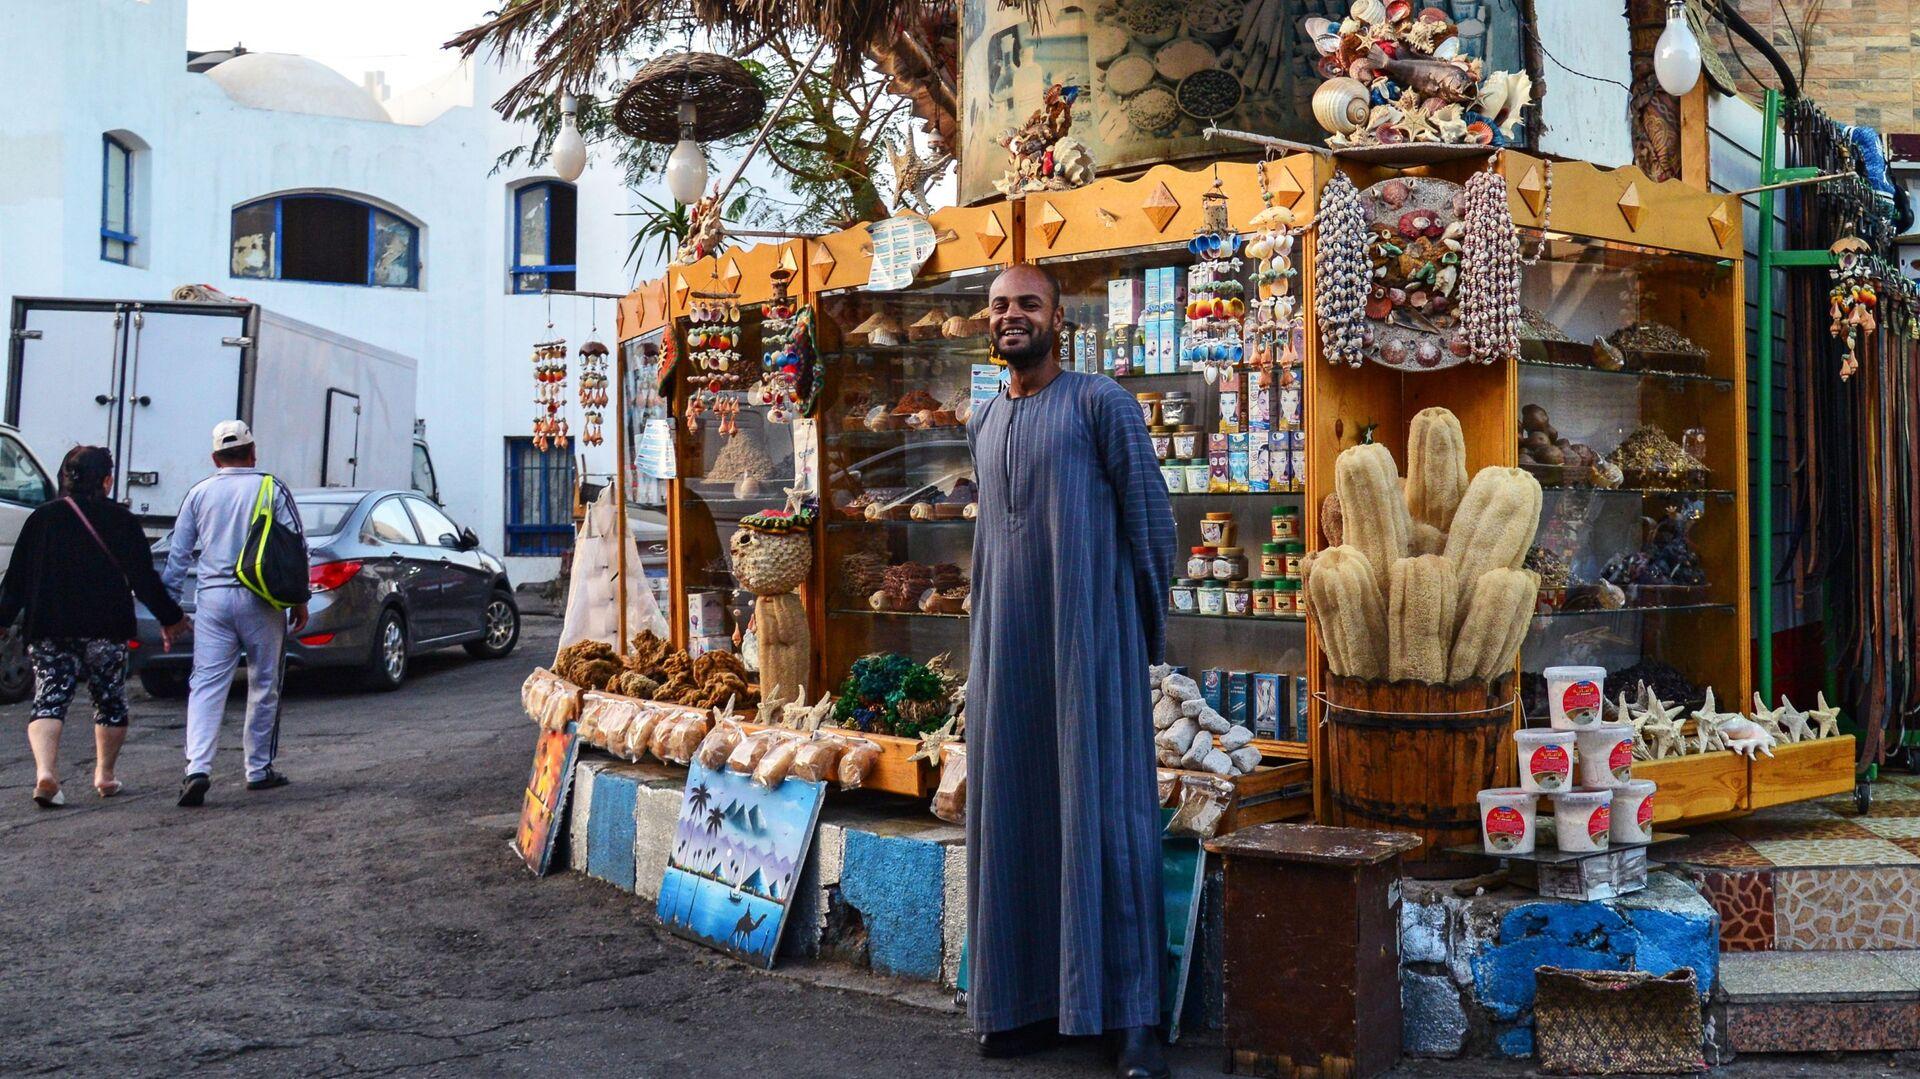 Уличный торговец в Шарм-эль-Шейхе - РИА Новости, 1920, 25.11.2020